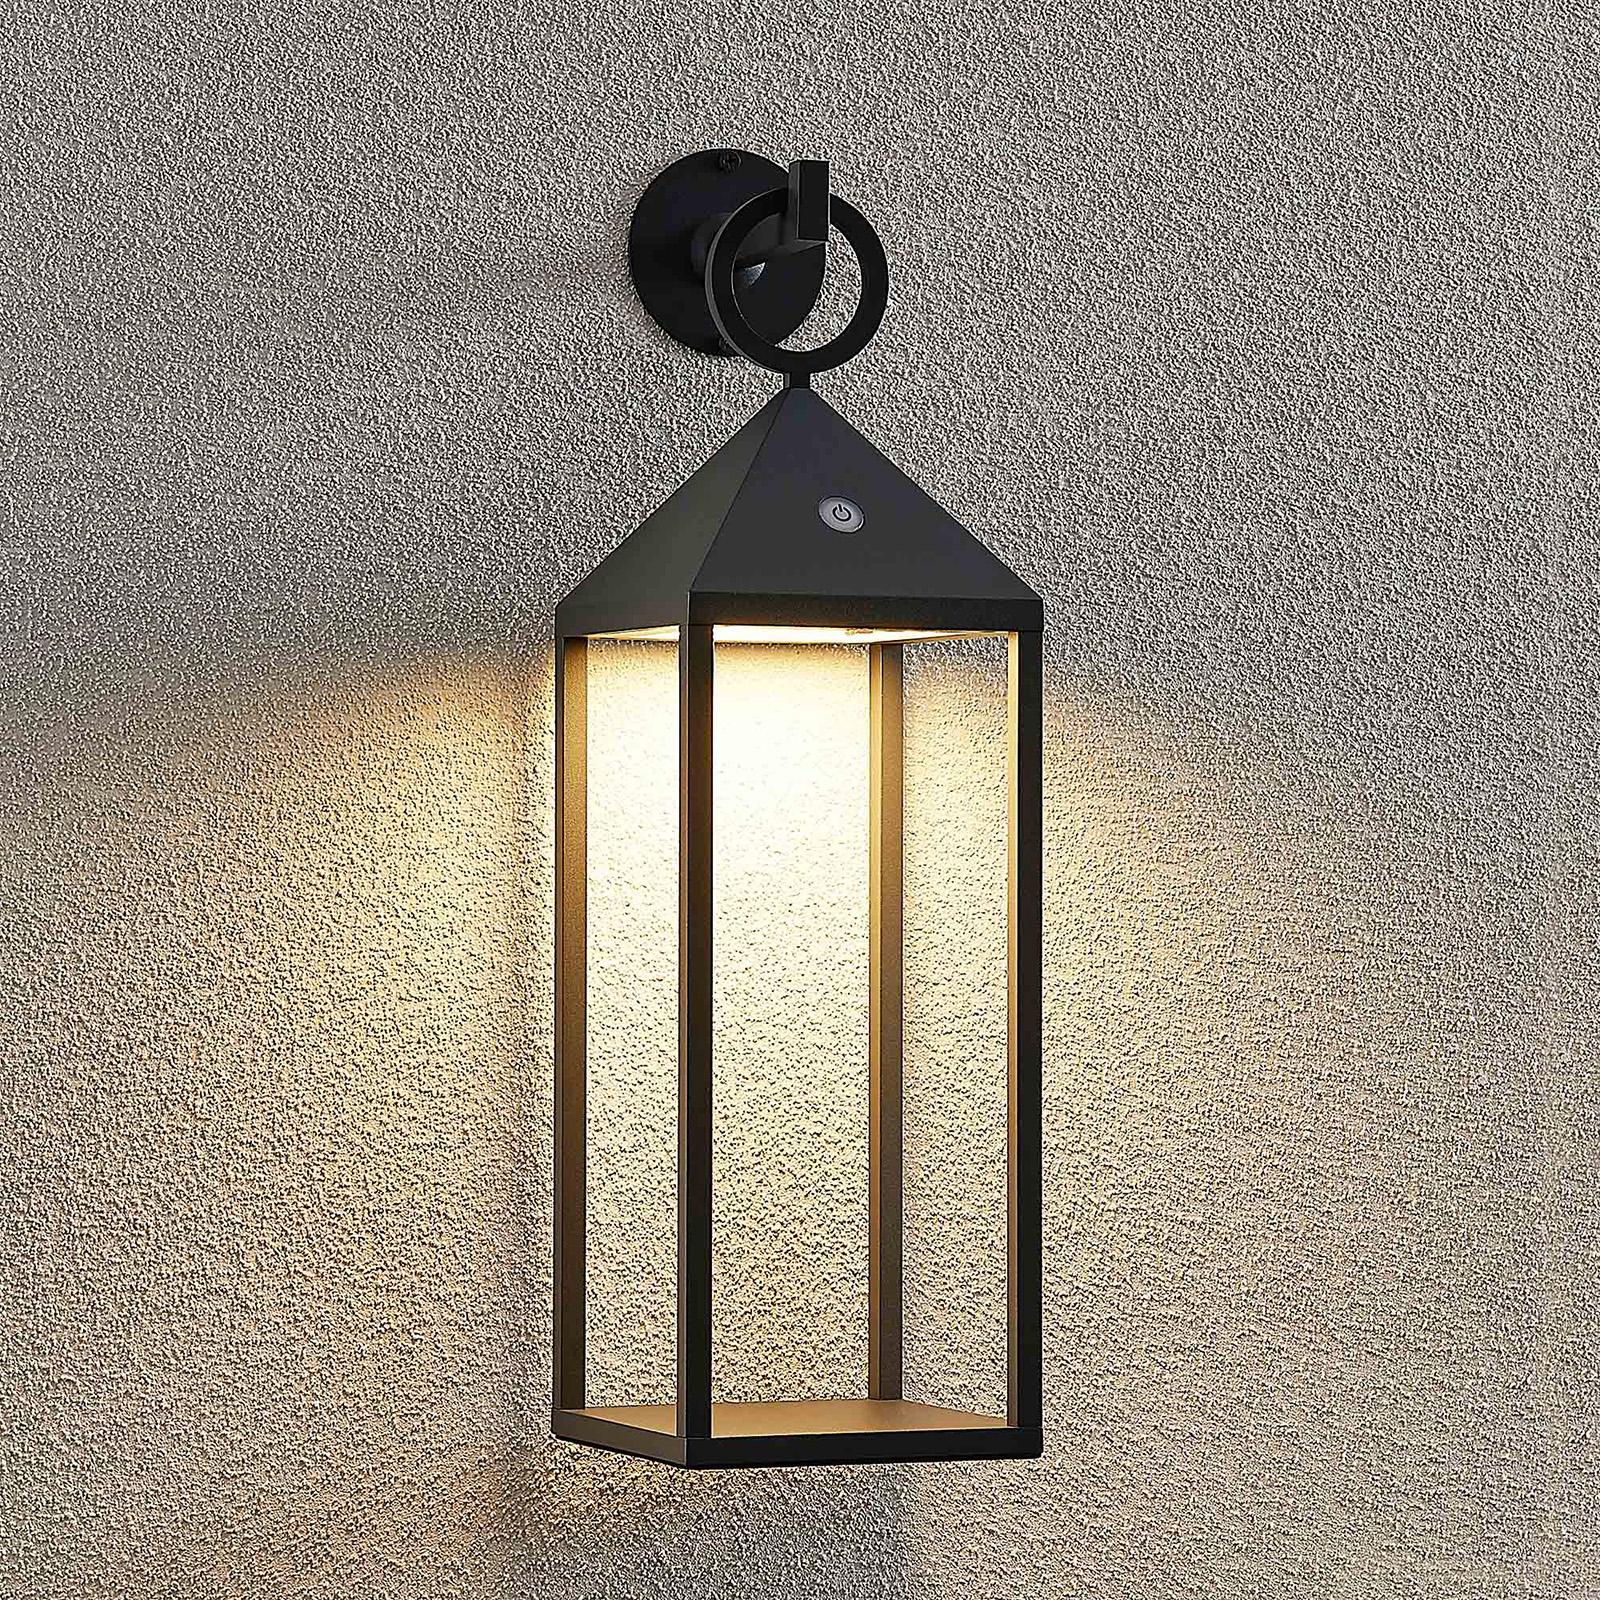 Lucande Aviel applique d'extérieur LED